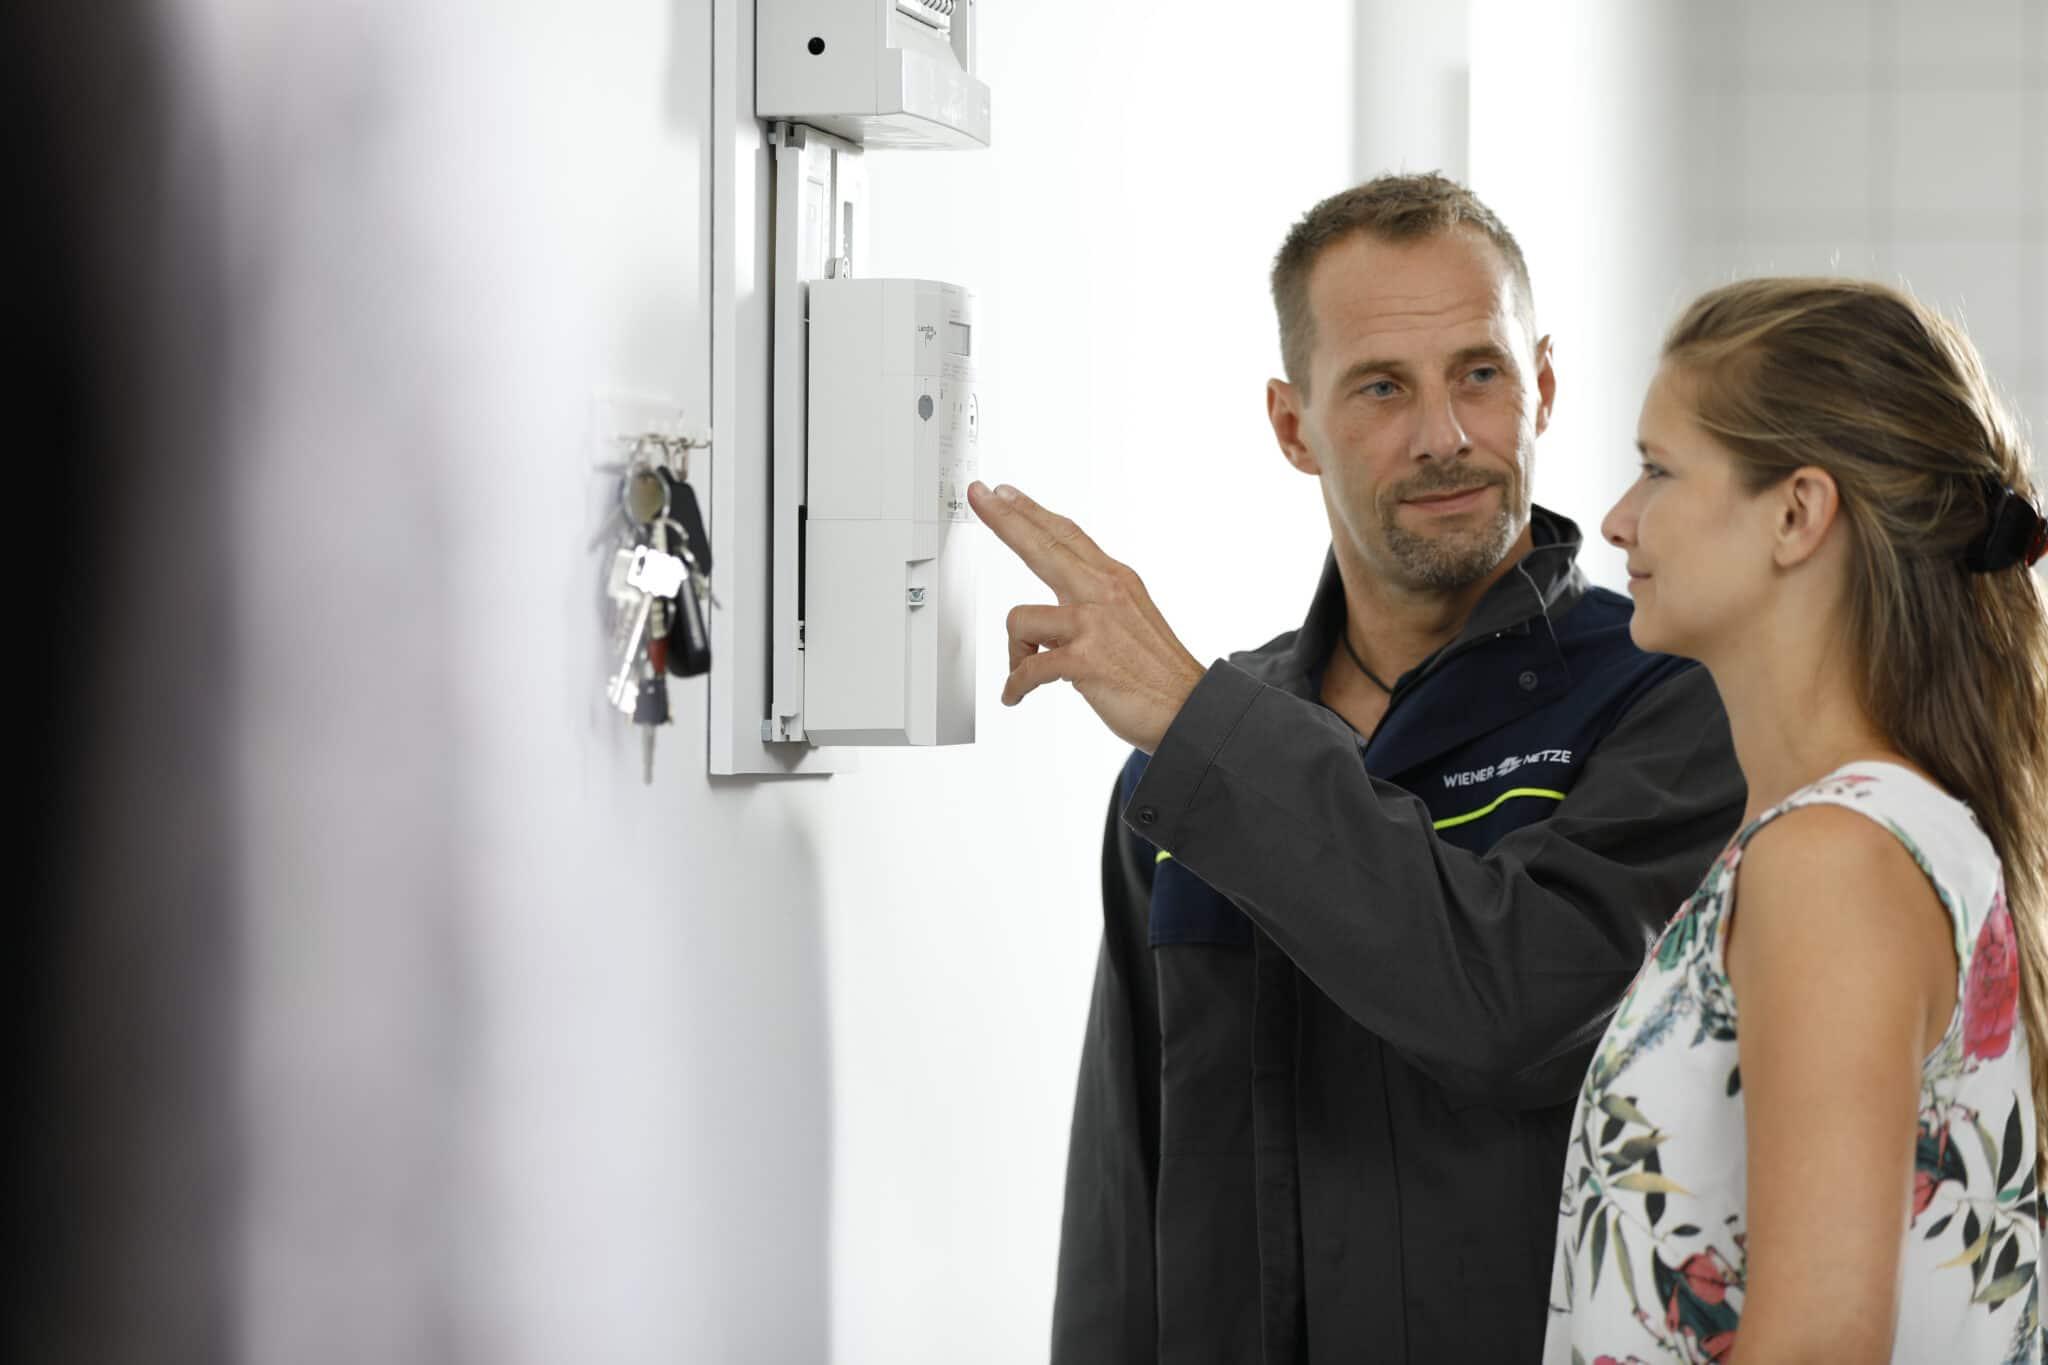 Mann und Frau stehen vor einem Smart Meter